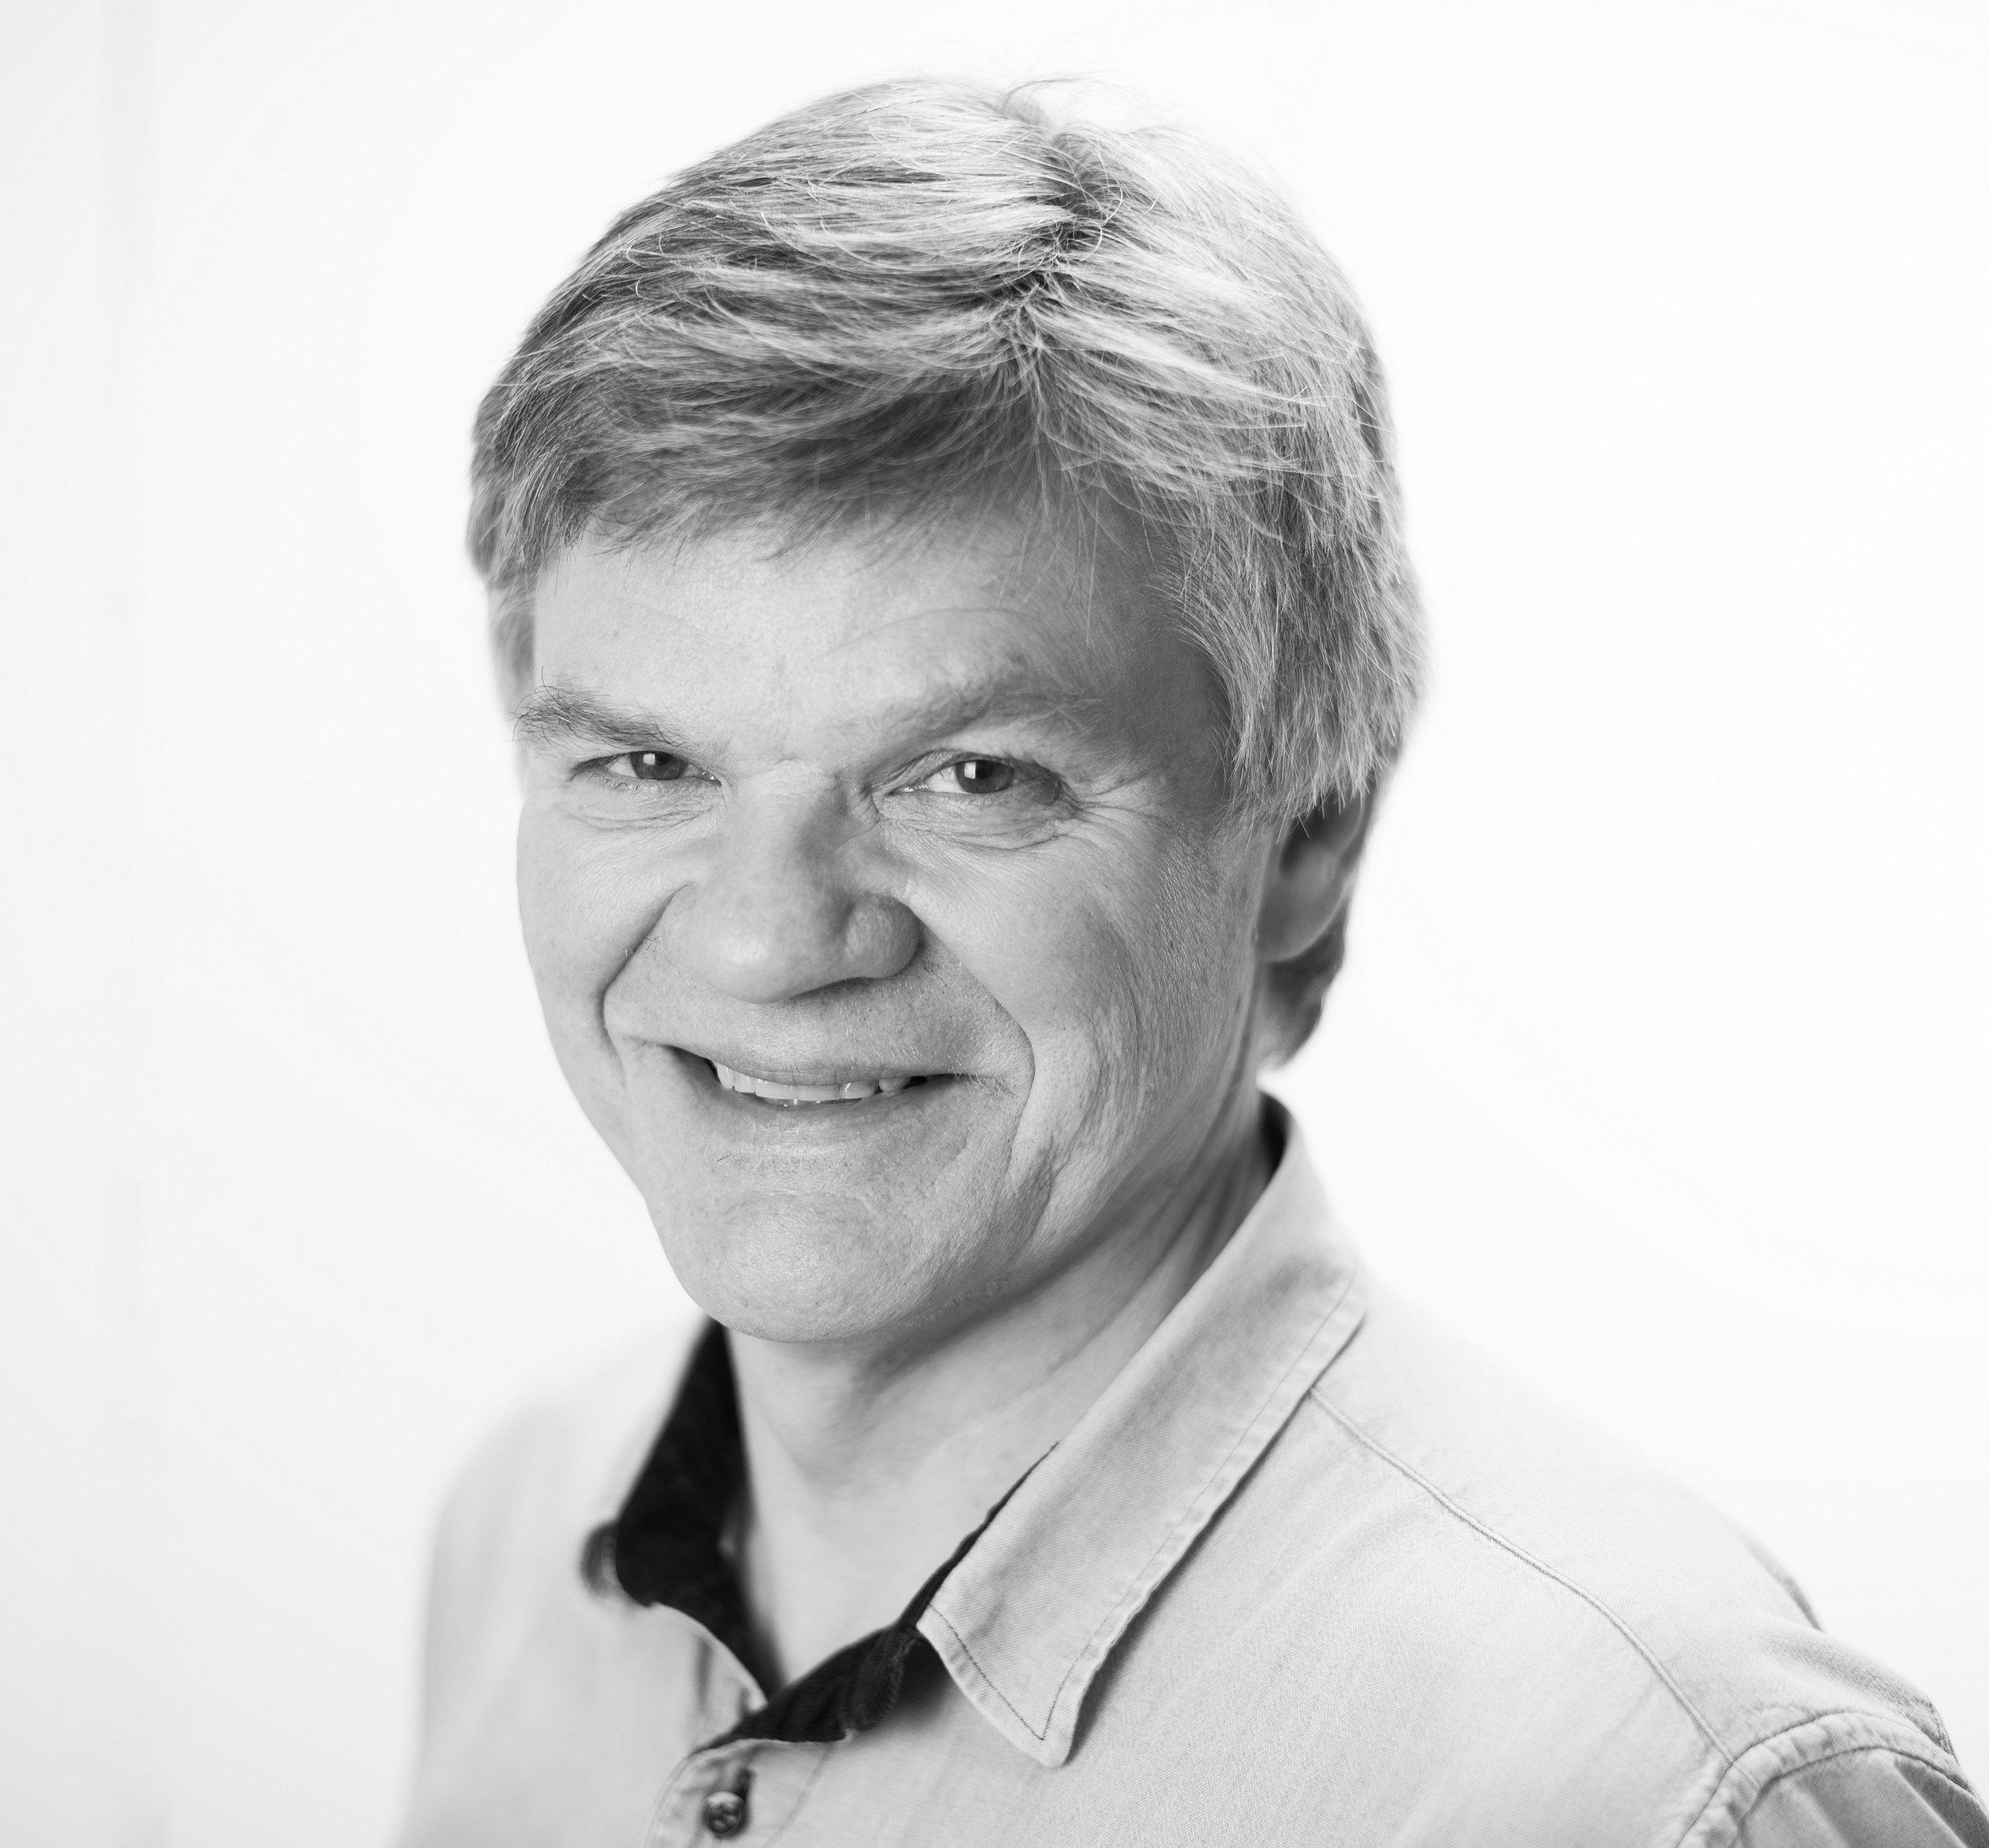 Arild M. Lunde   Daglig leder • Sivilingeniør Direkte tlf: 51 78 82 42 Mobil: 92 88 77 94 E-post:  arild@alc-as.no